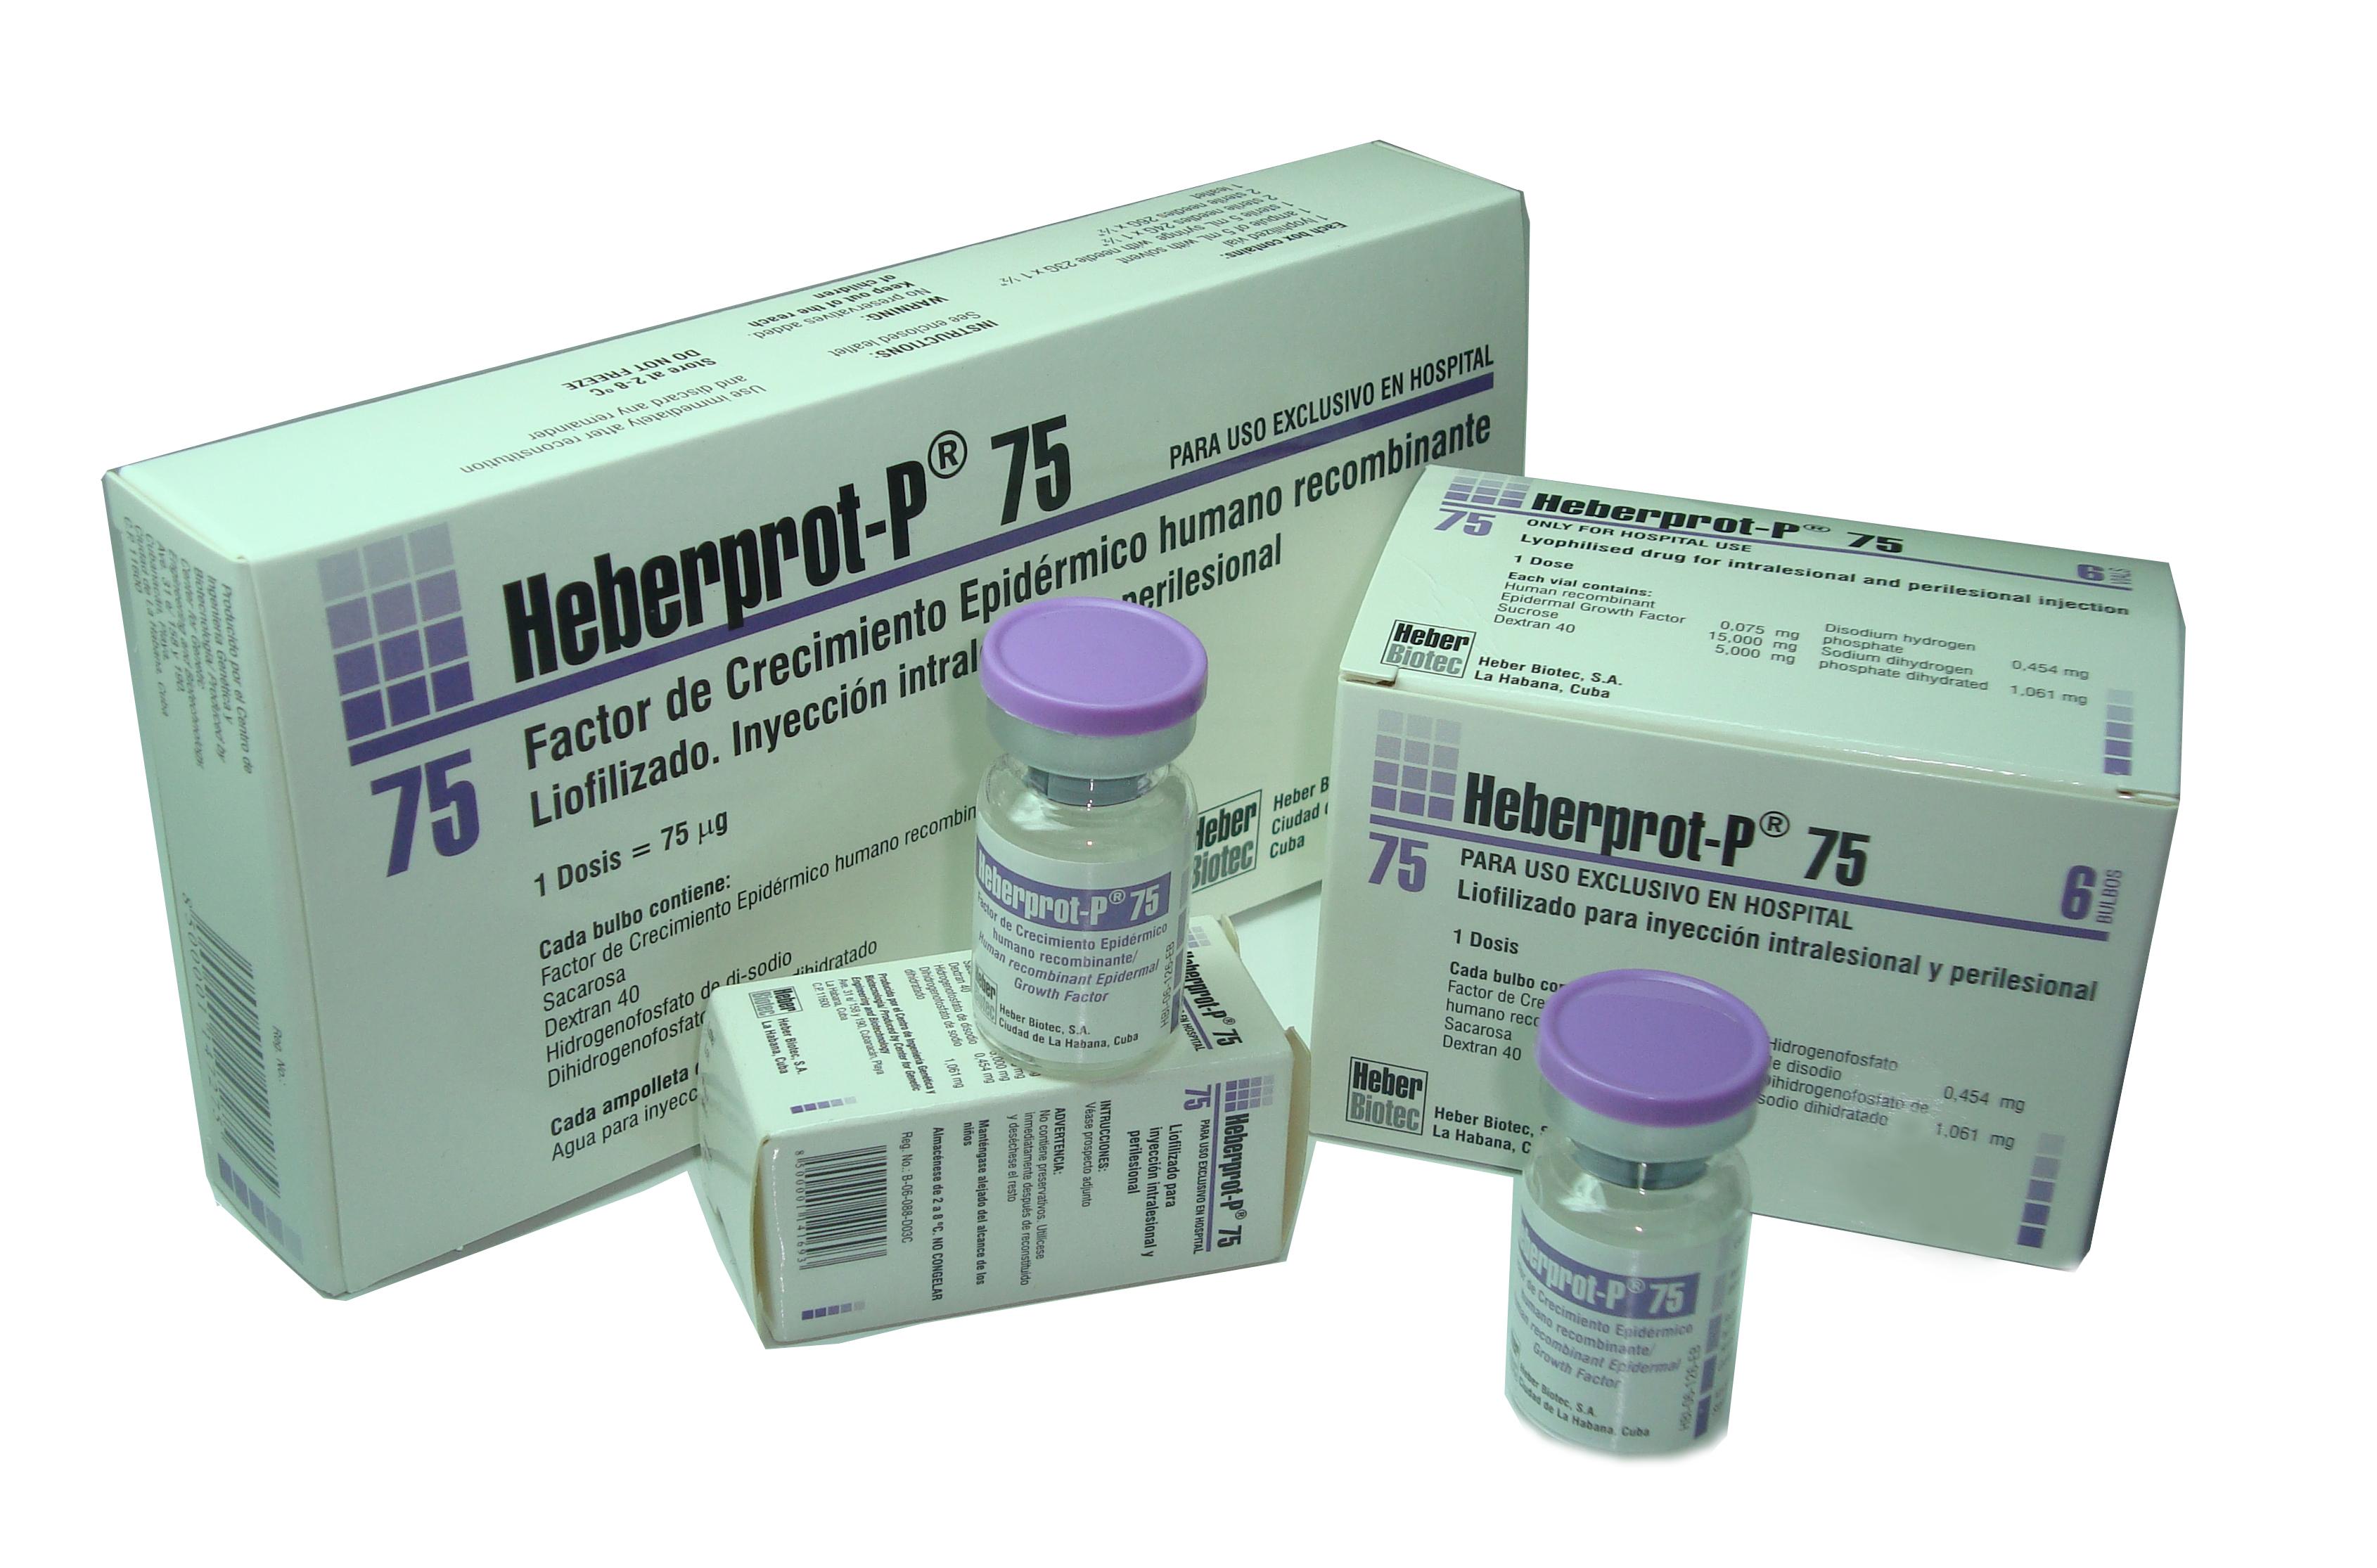 Aplicarán Heberprot-P en Unión Europea